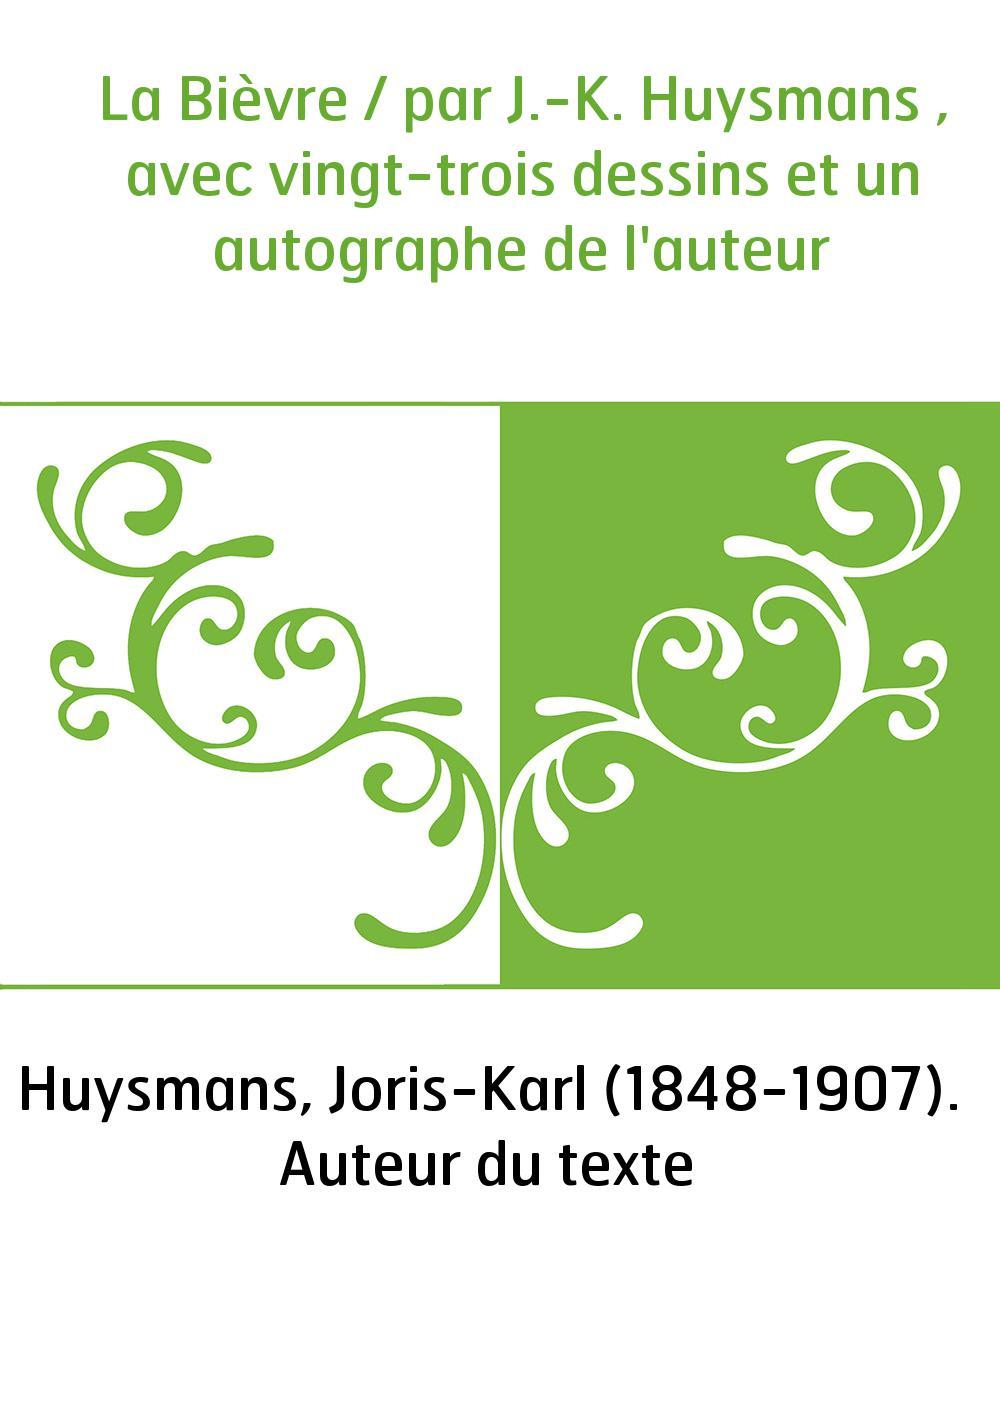 La Bièvre / par J.-K. Huysmans , avec vingt-trois dessins et un autographe de l'auteur